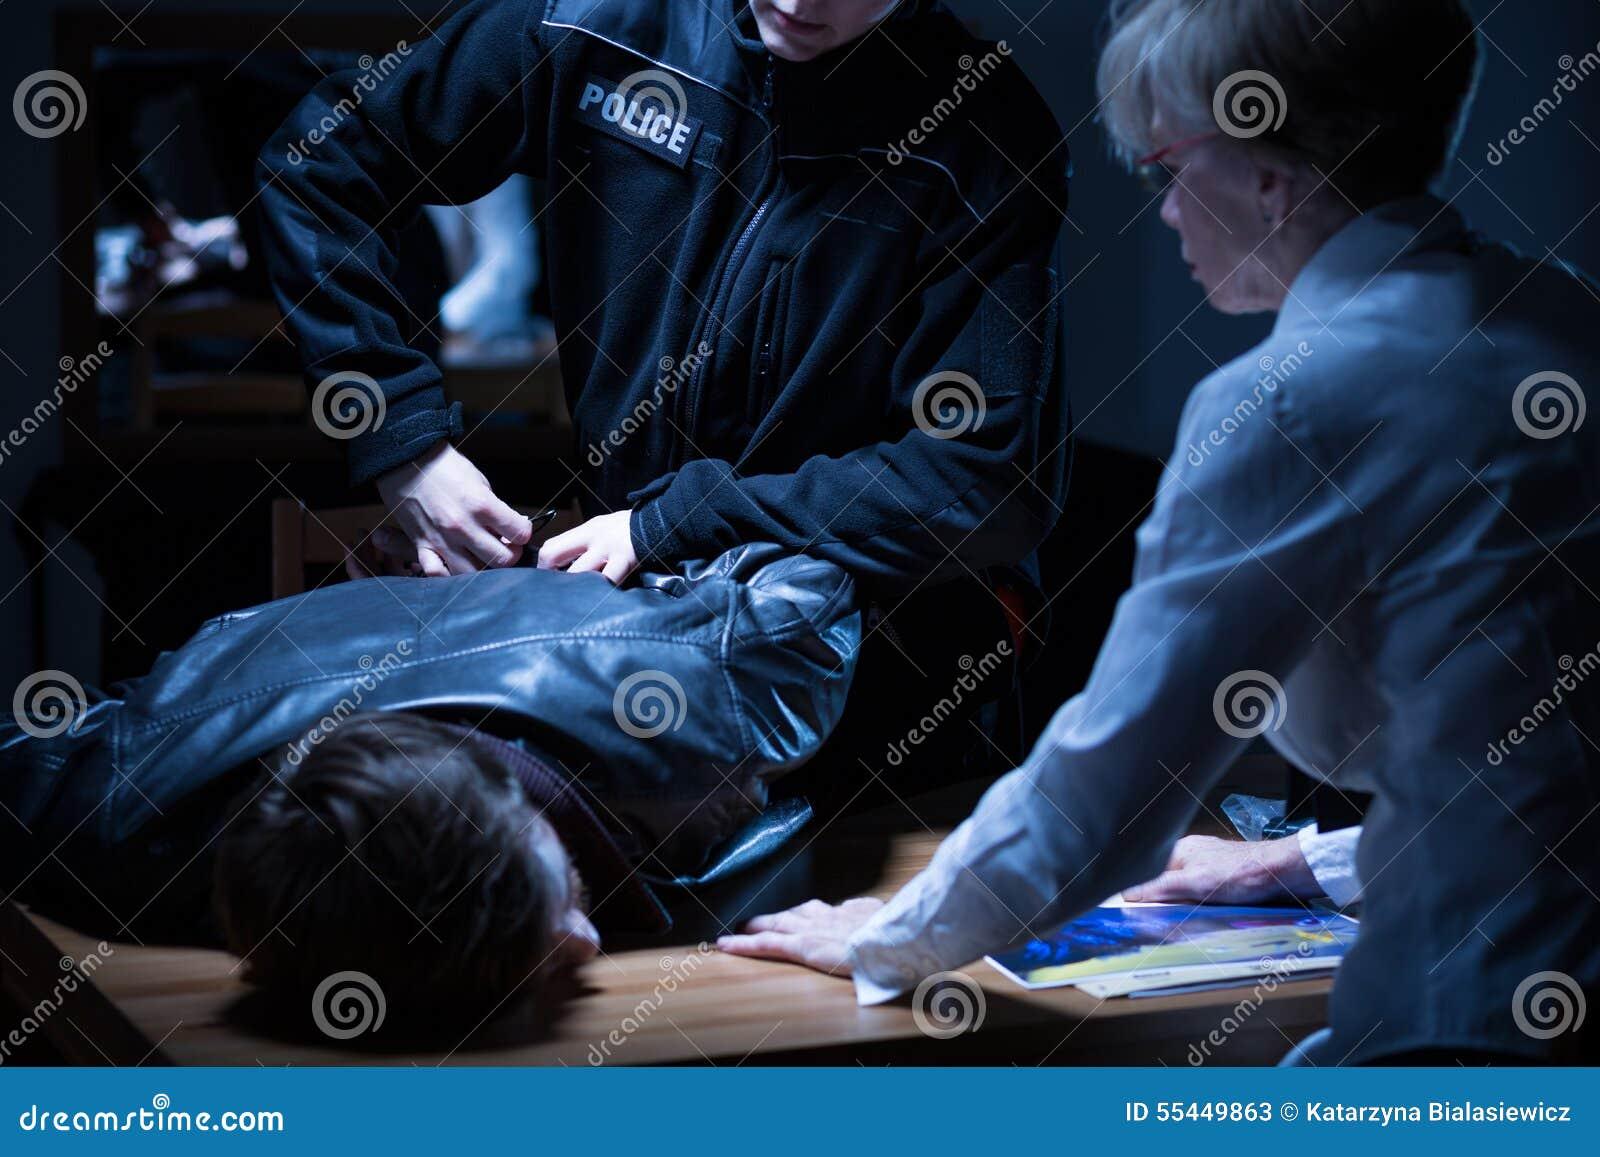 Detención en sitio de la interrogación